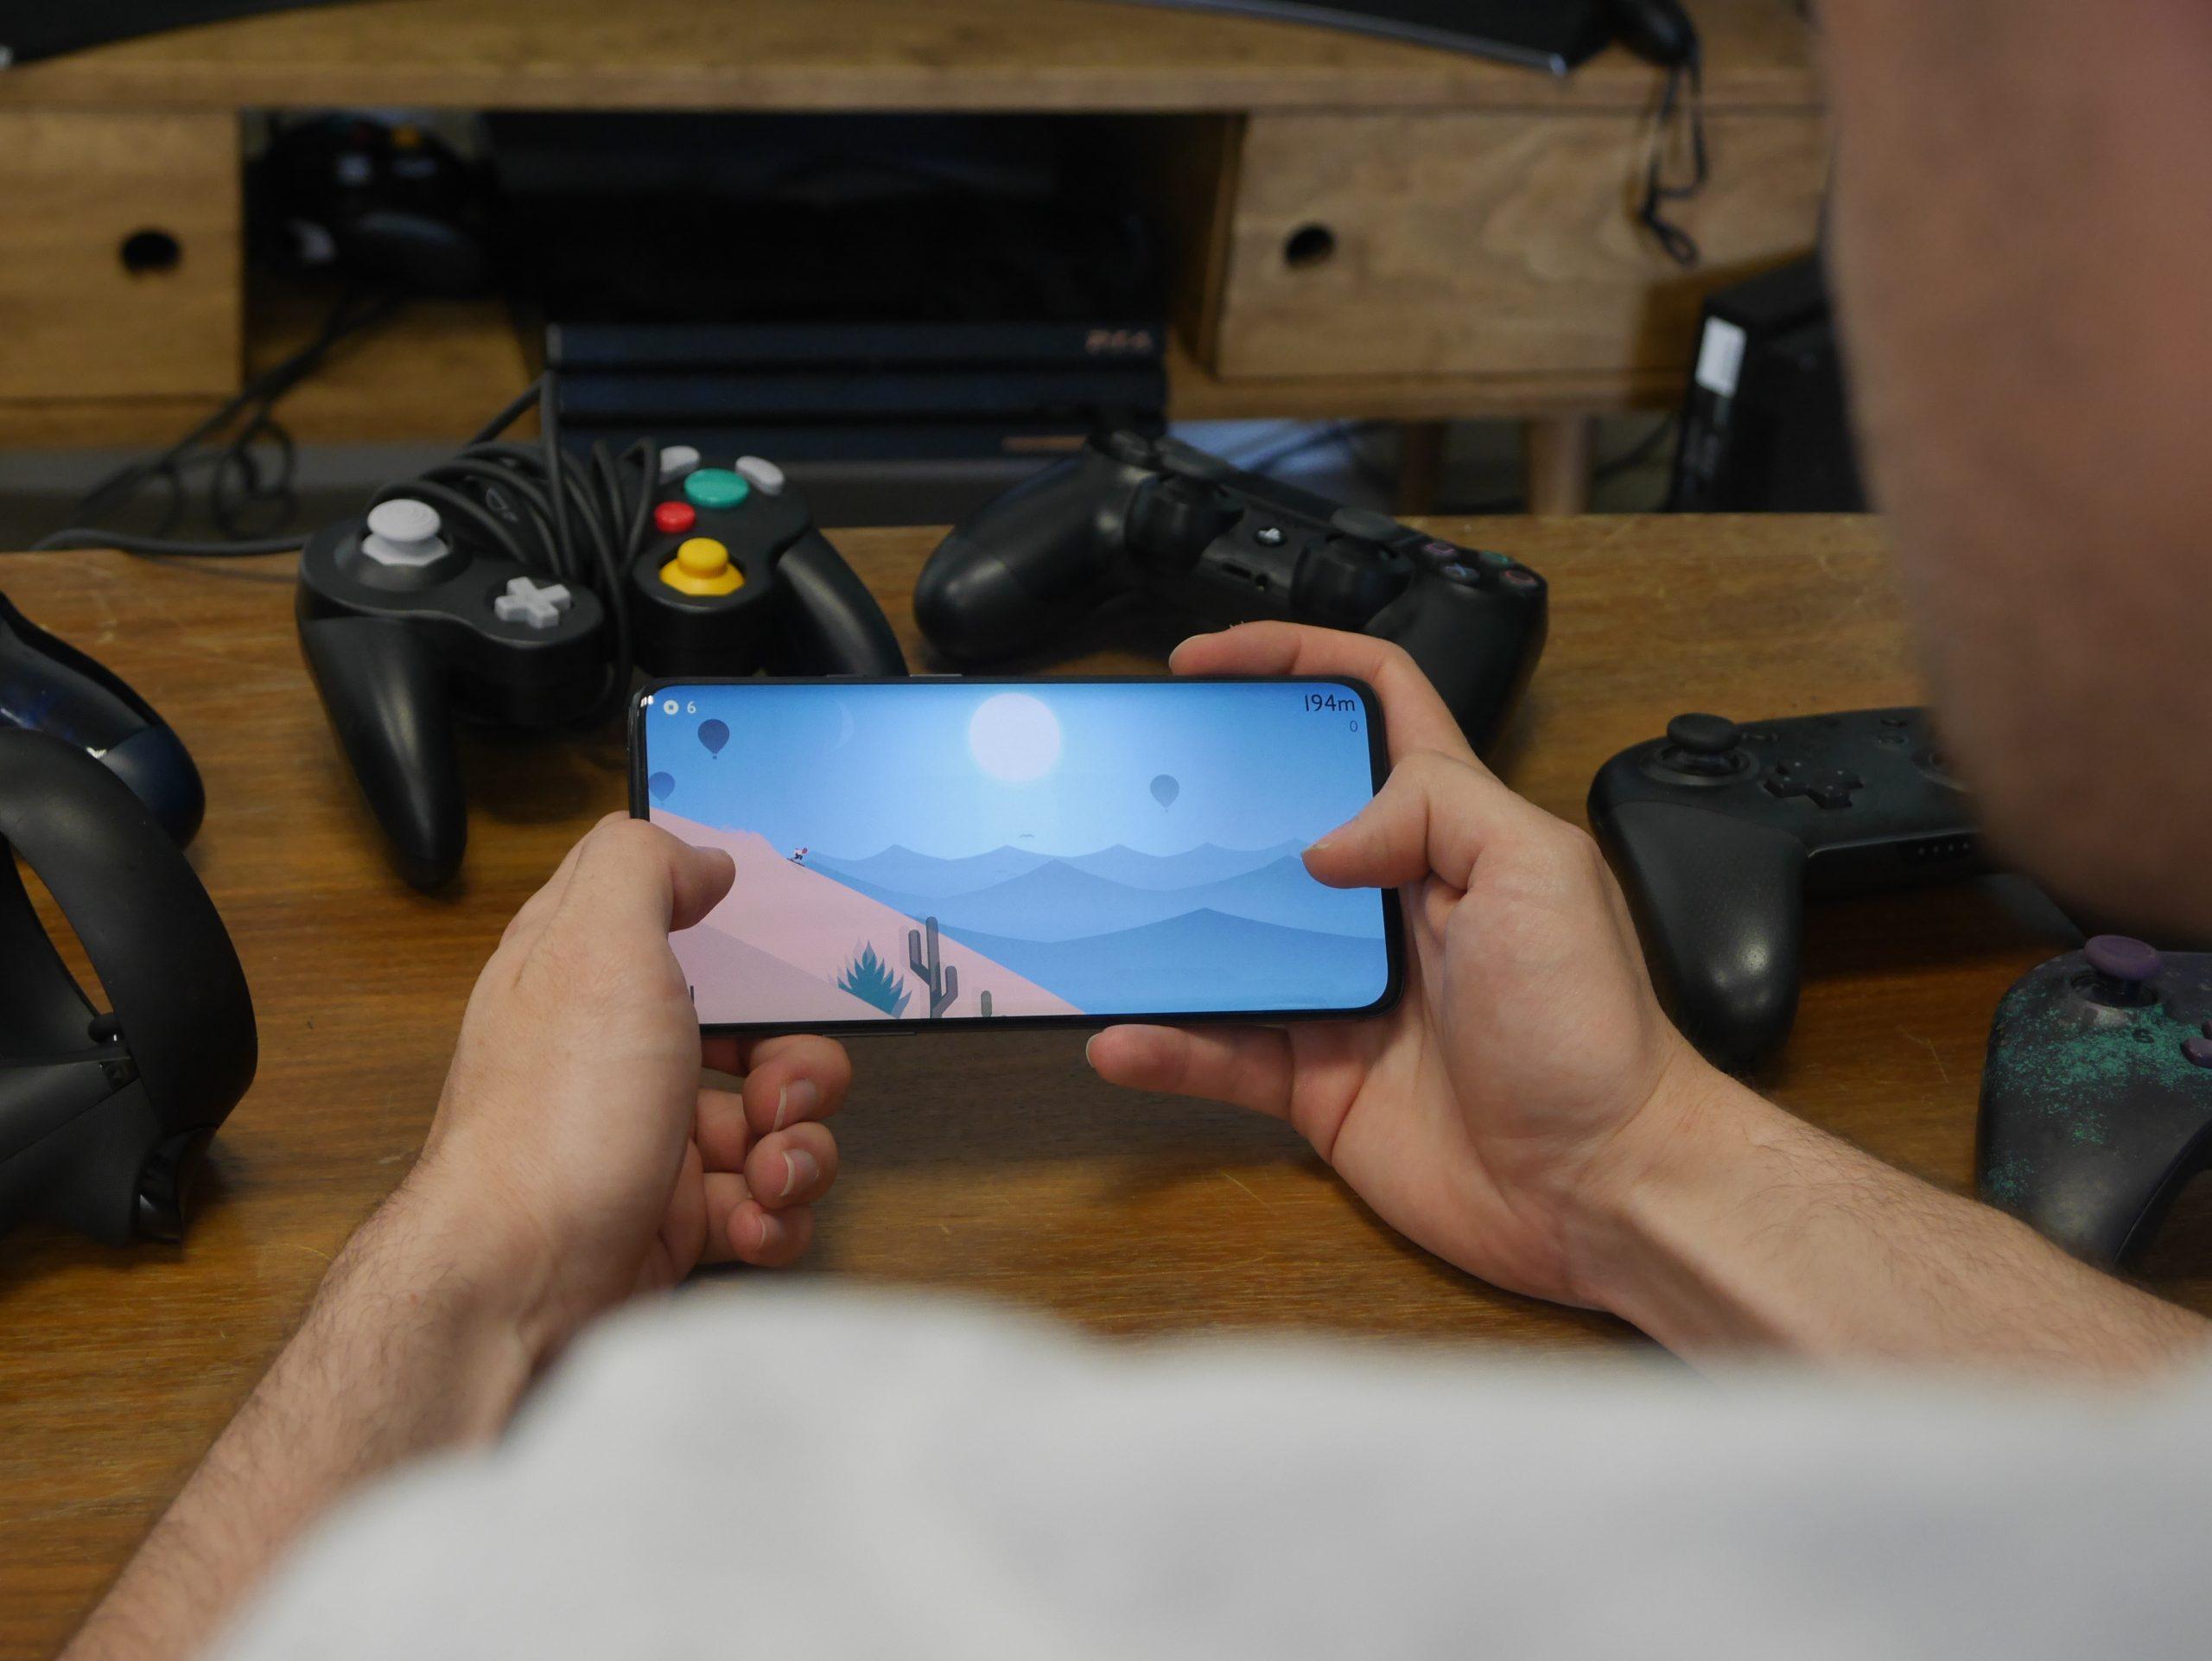 Les Meilleurs Jeux Gratuits Sur Android En 2020 destiné Jeux Pour Tablette Gratuit